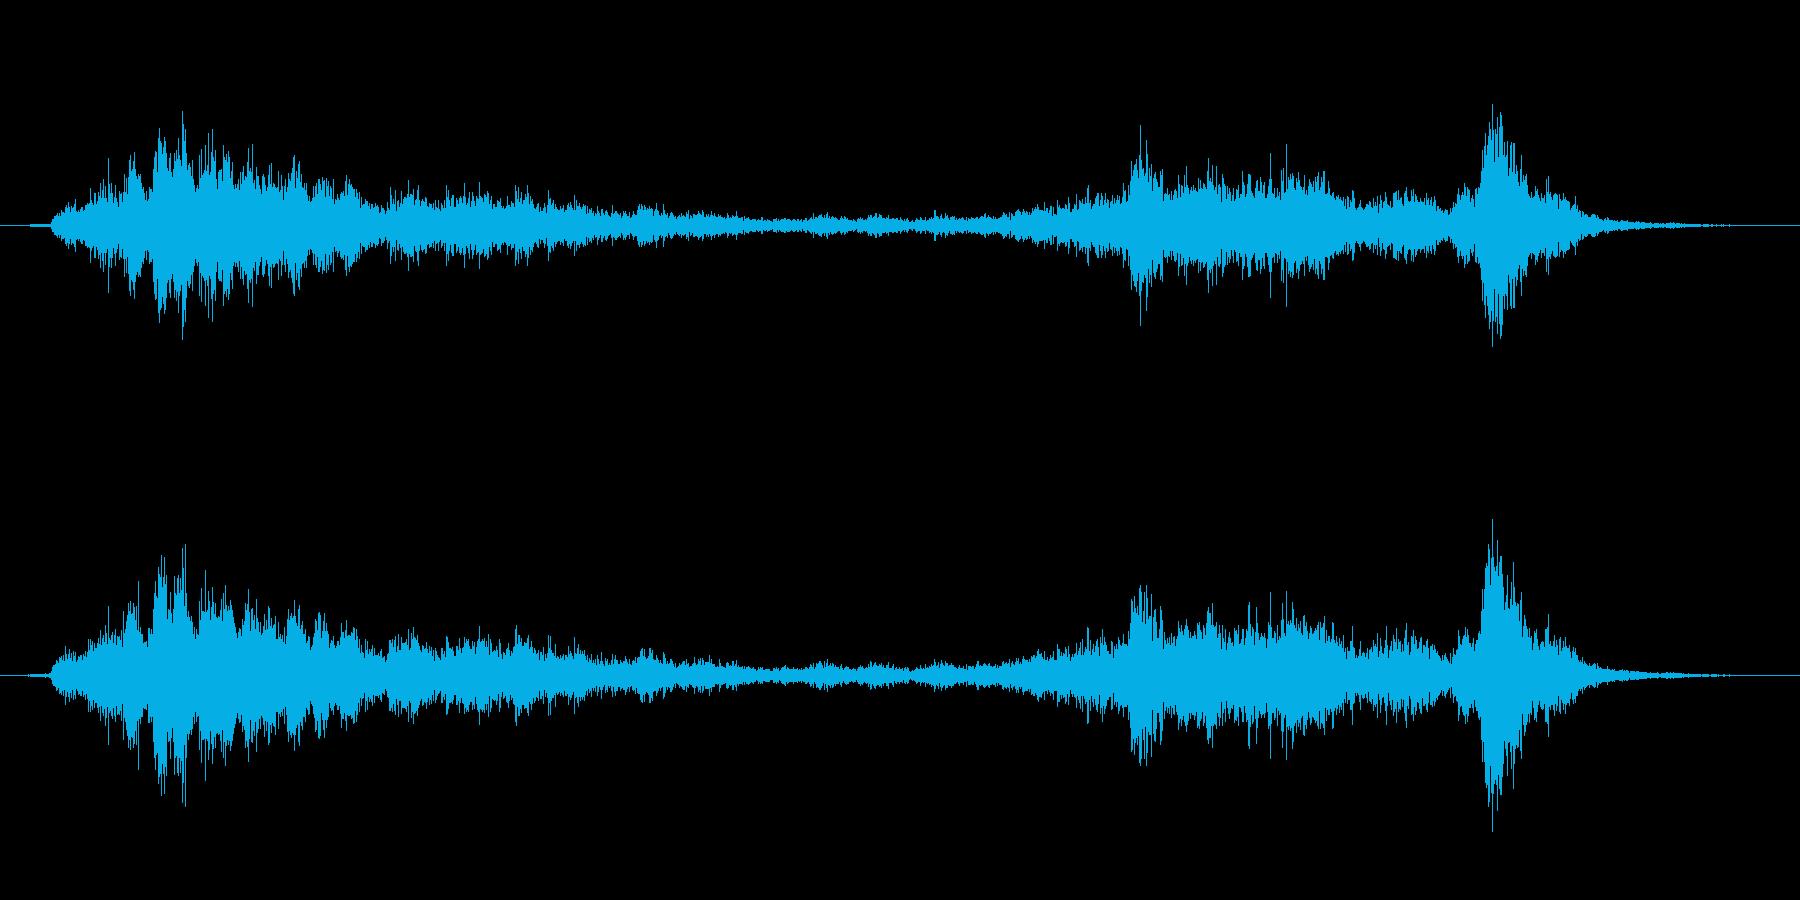 【生録音】ガラガラガラーガシャン(遠め)の再生済みの波形